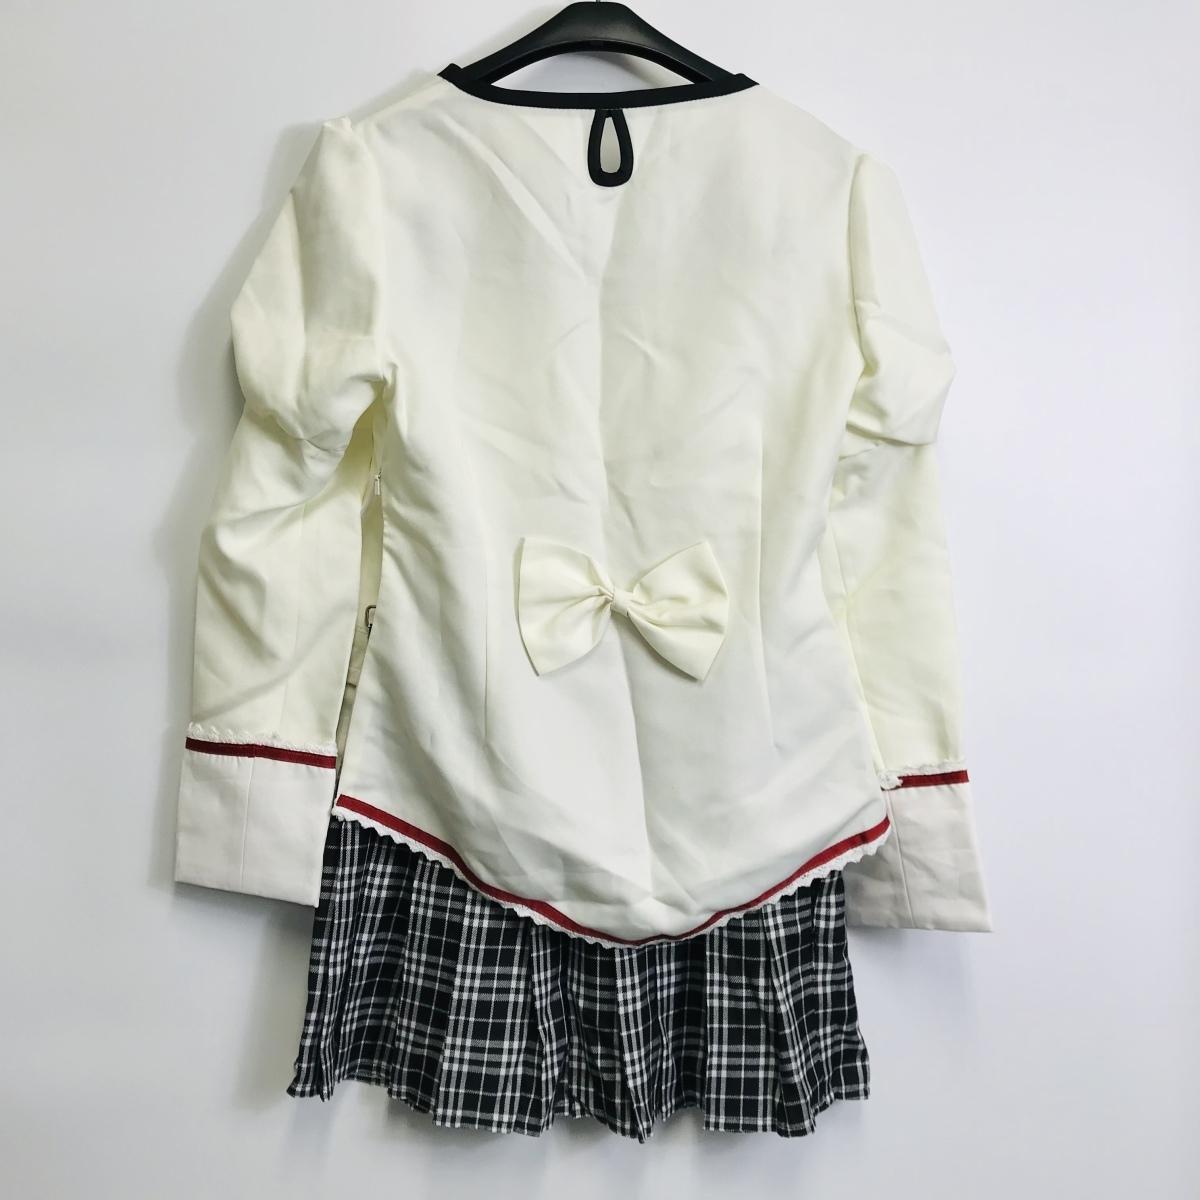 コスプレ衣装 魔法少女まどか☆マギカ 市立見滝原中学校制服風 女性Lサイズ相当_画像2